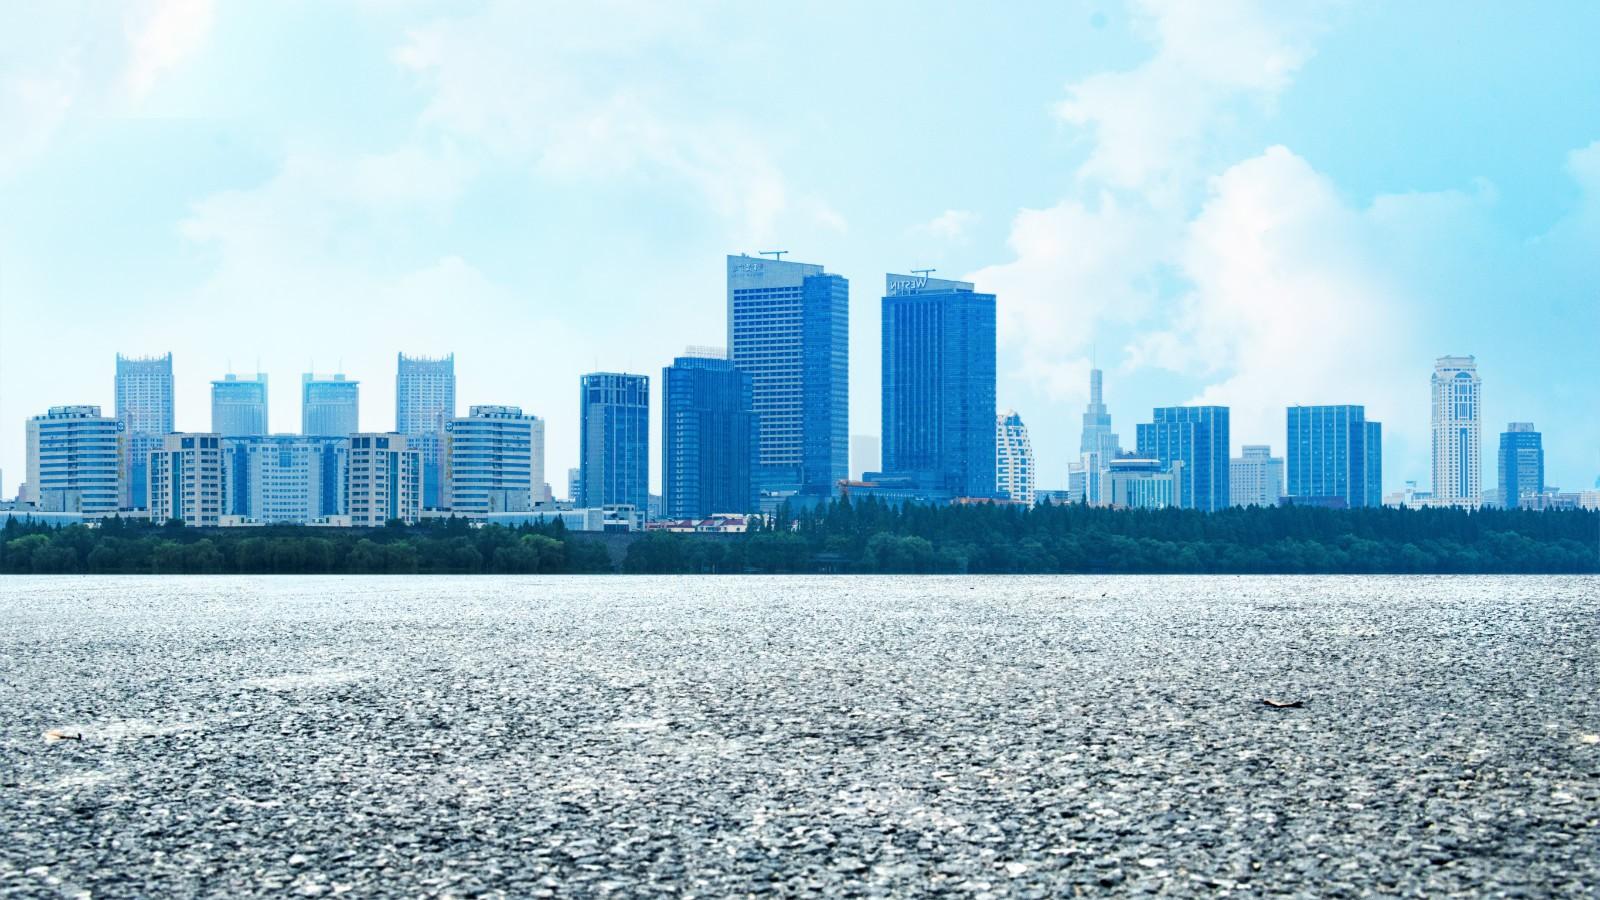 天津市代理记账公司企业共享网上办税平台实名验证操作说明